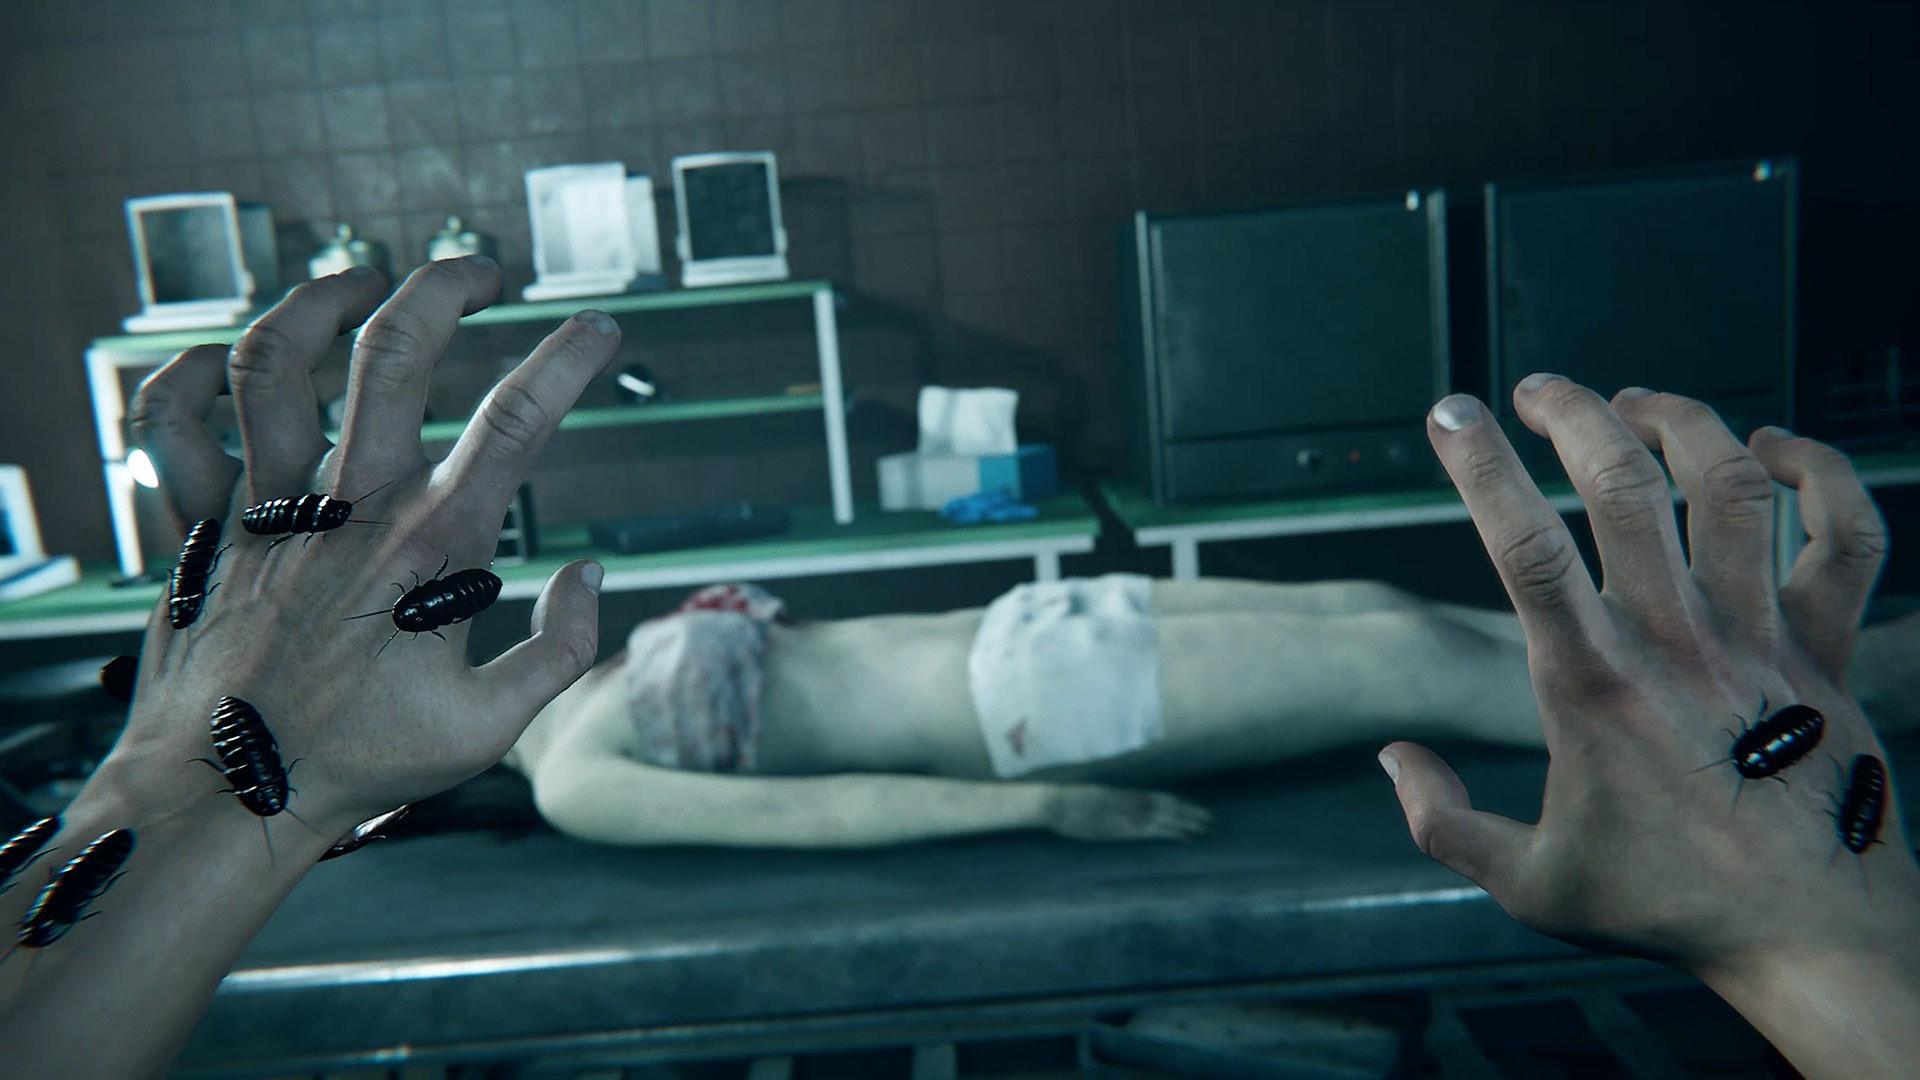 Autopsy Simulator, un escalofriante y sangriento juego ...